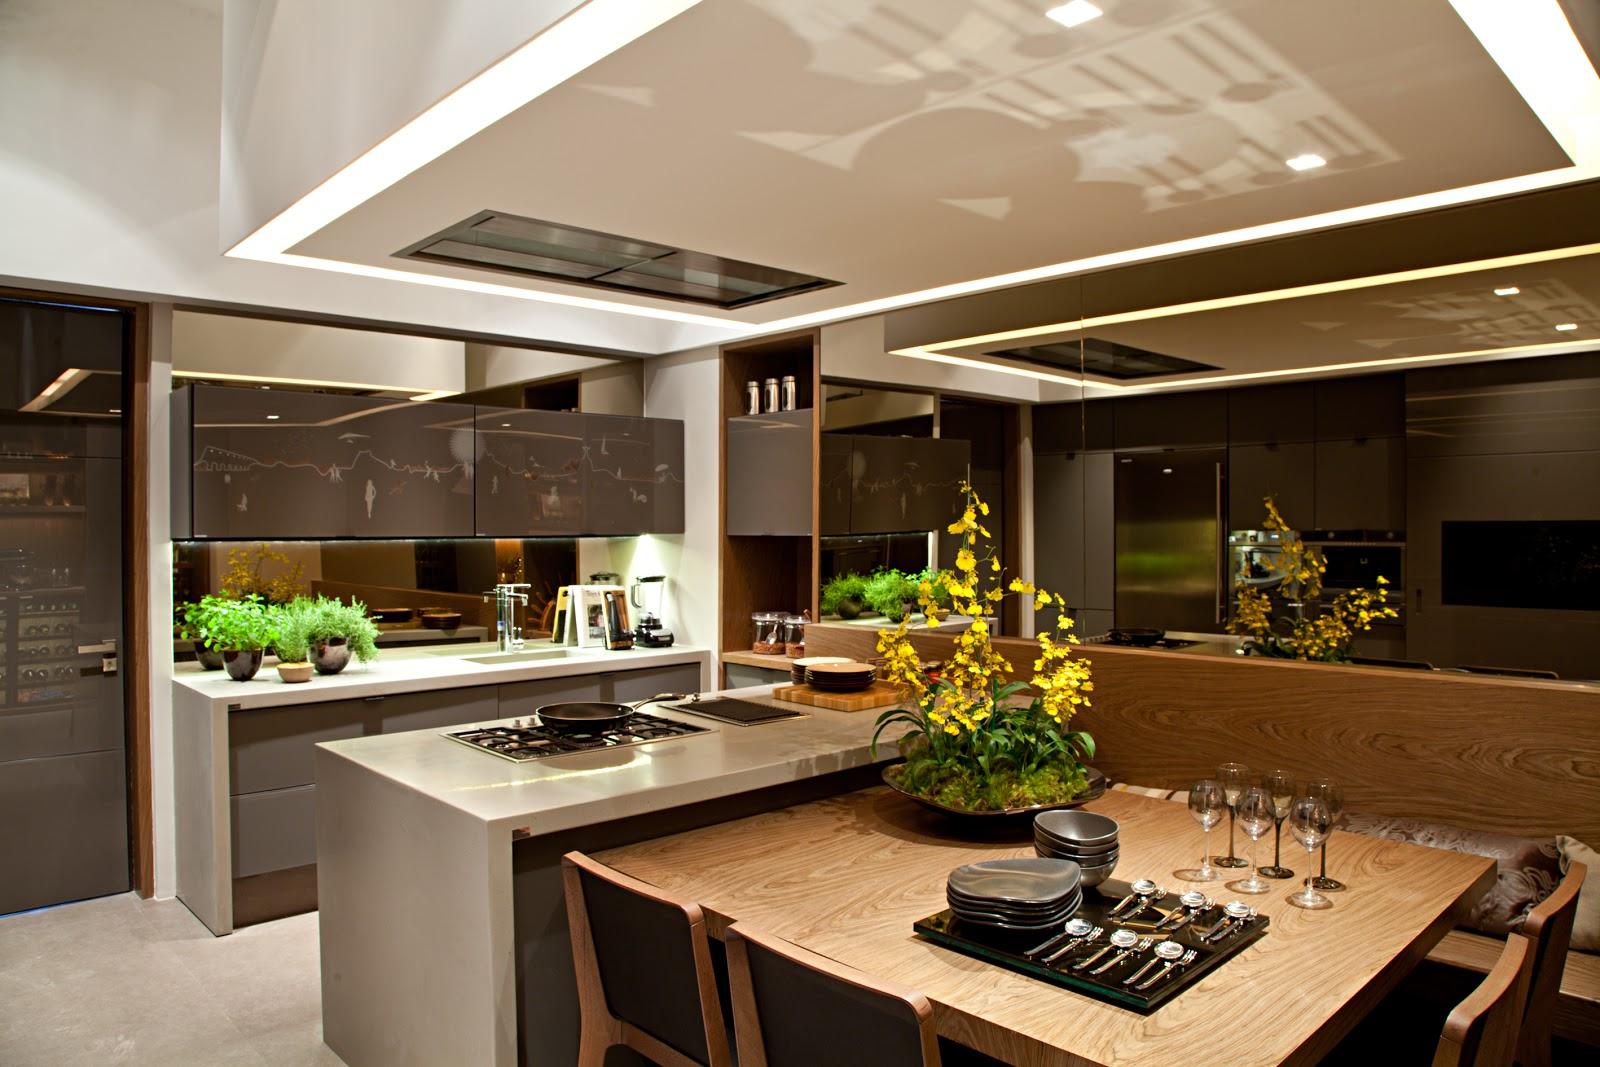 Cozinhas: das modernas às tradicionais Tá Decorado! #B8A413 1600 1067